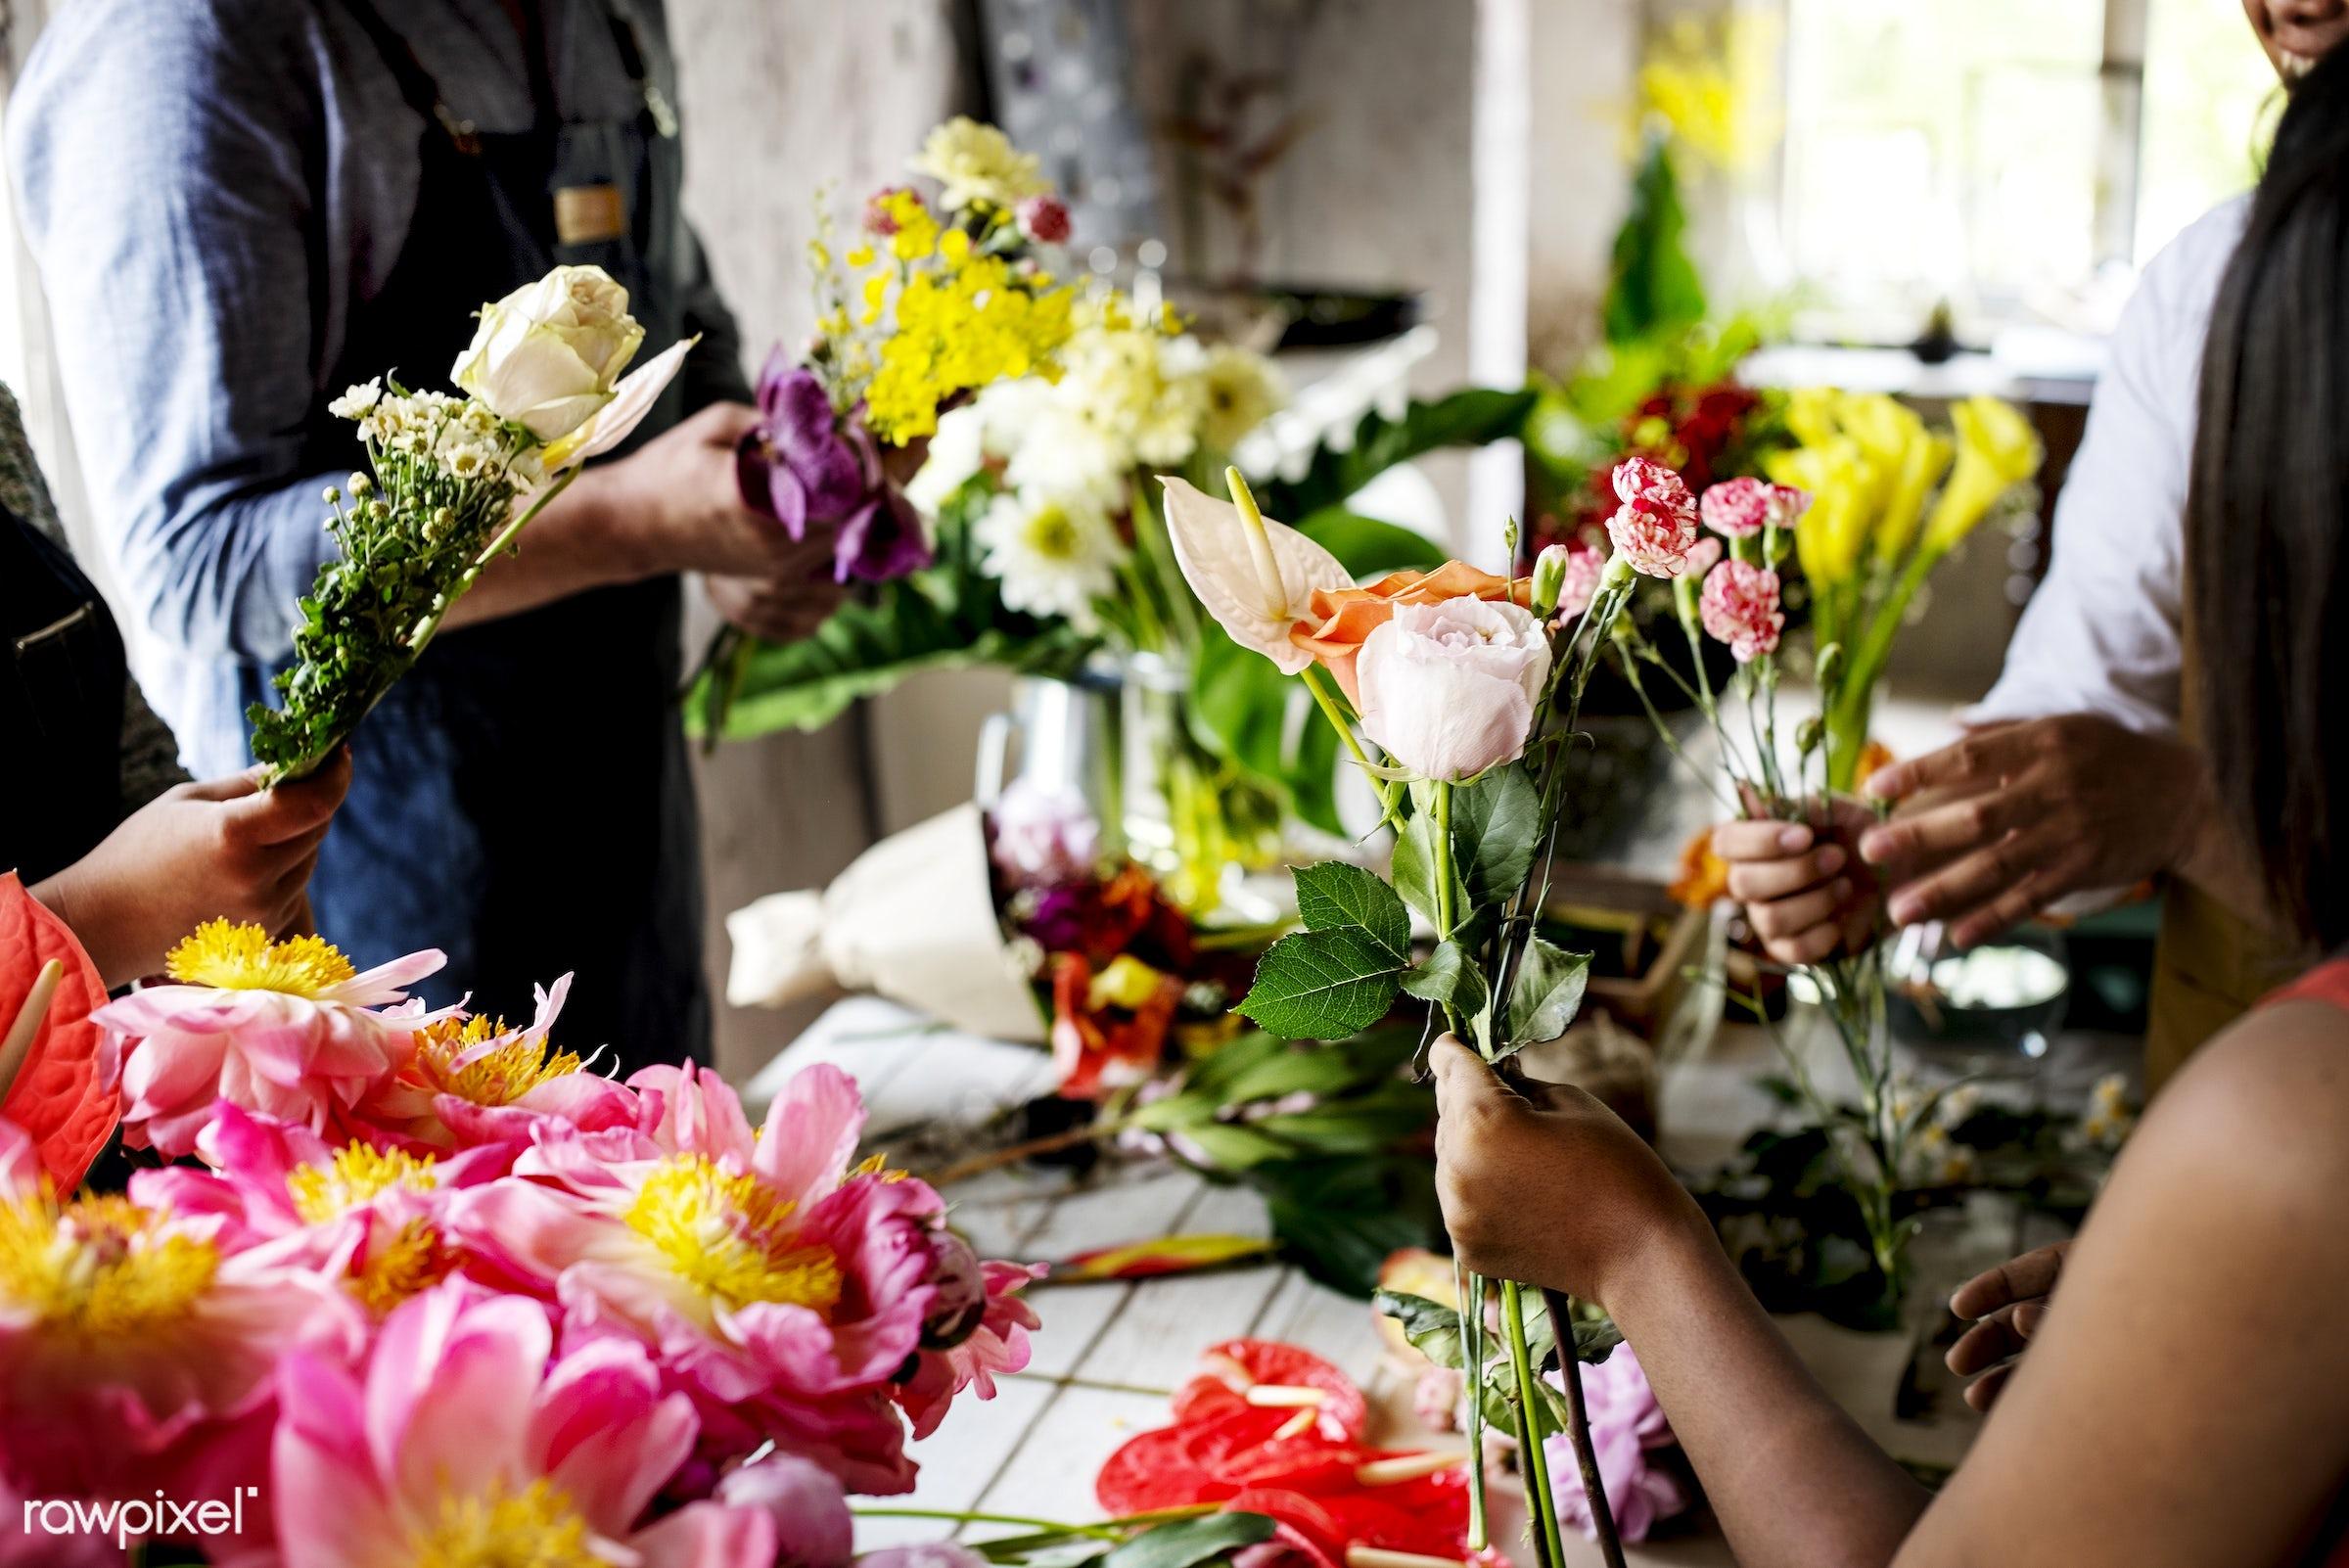 bouquet, apron, arrangement, bunch, business, candid, casual, decoration, florist, flower shop, indoors, job, man, nature,...